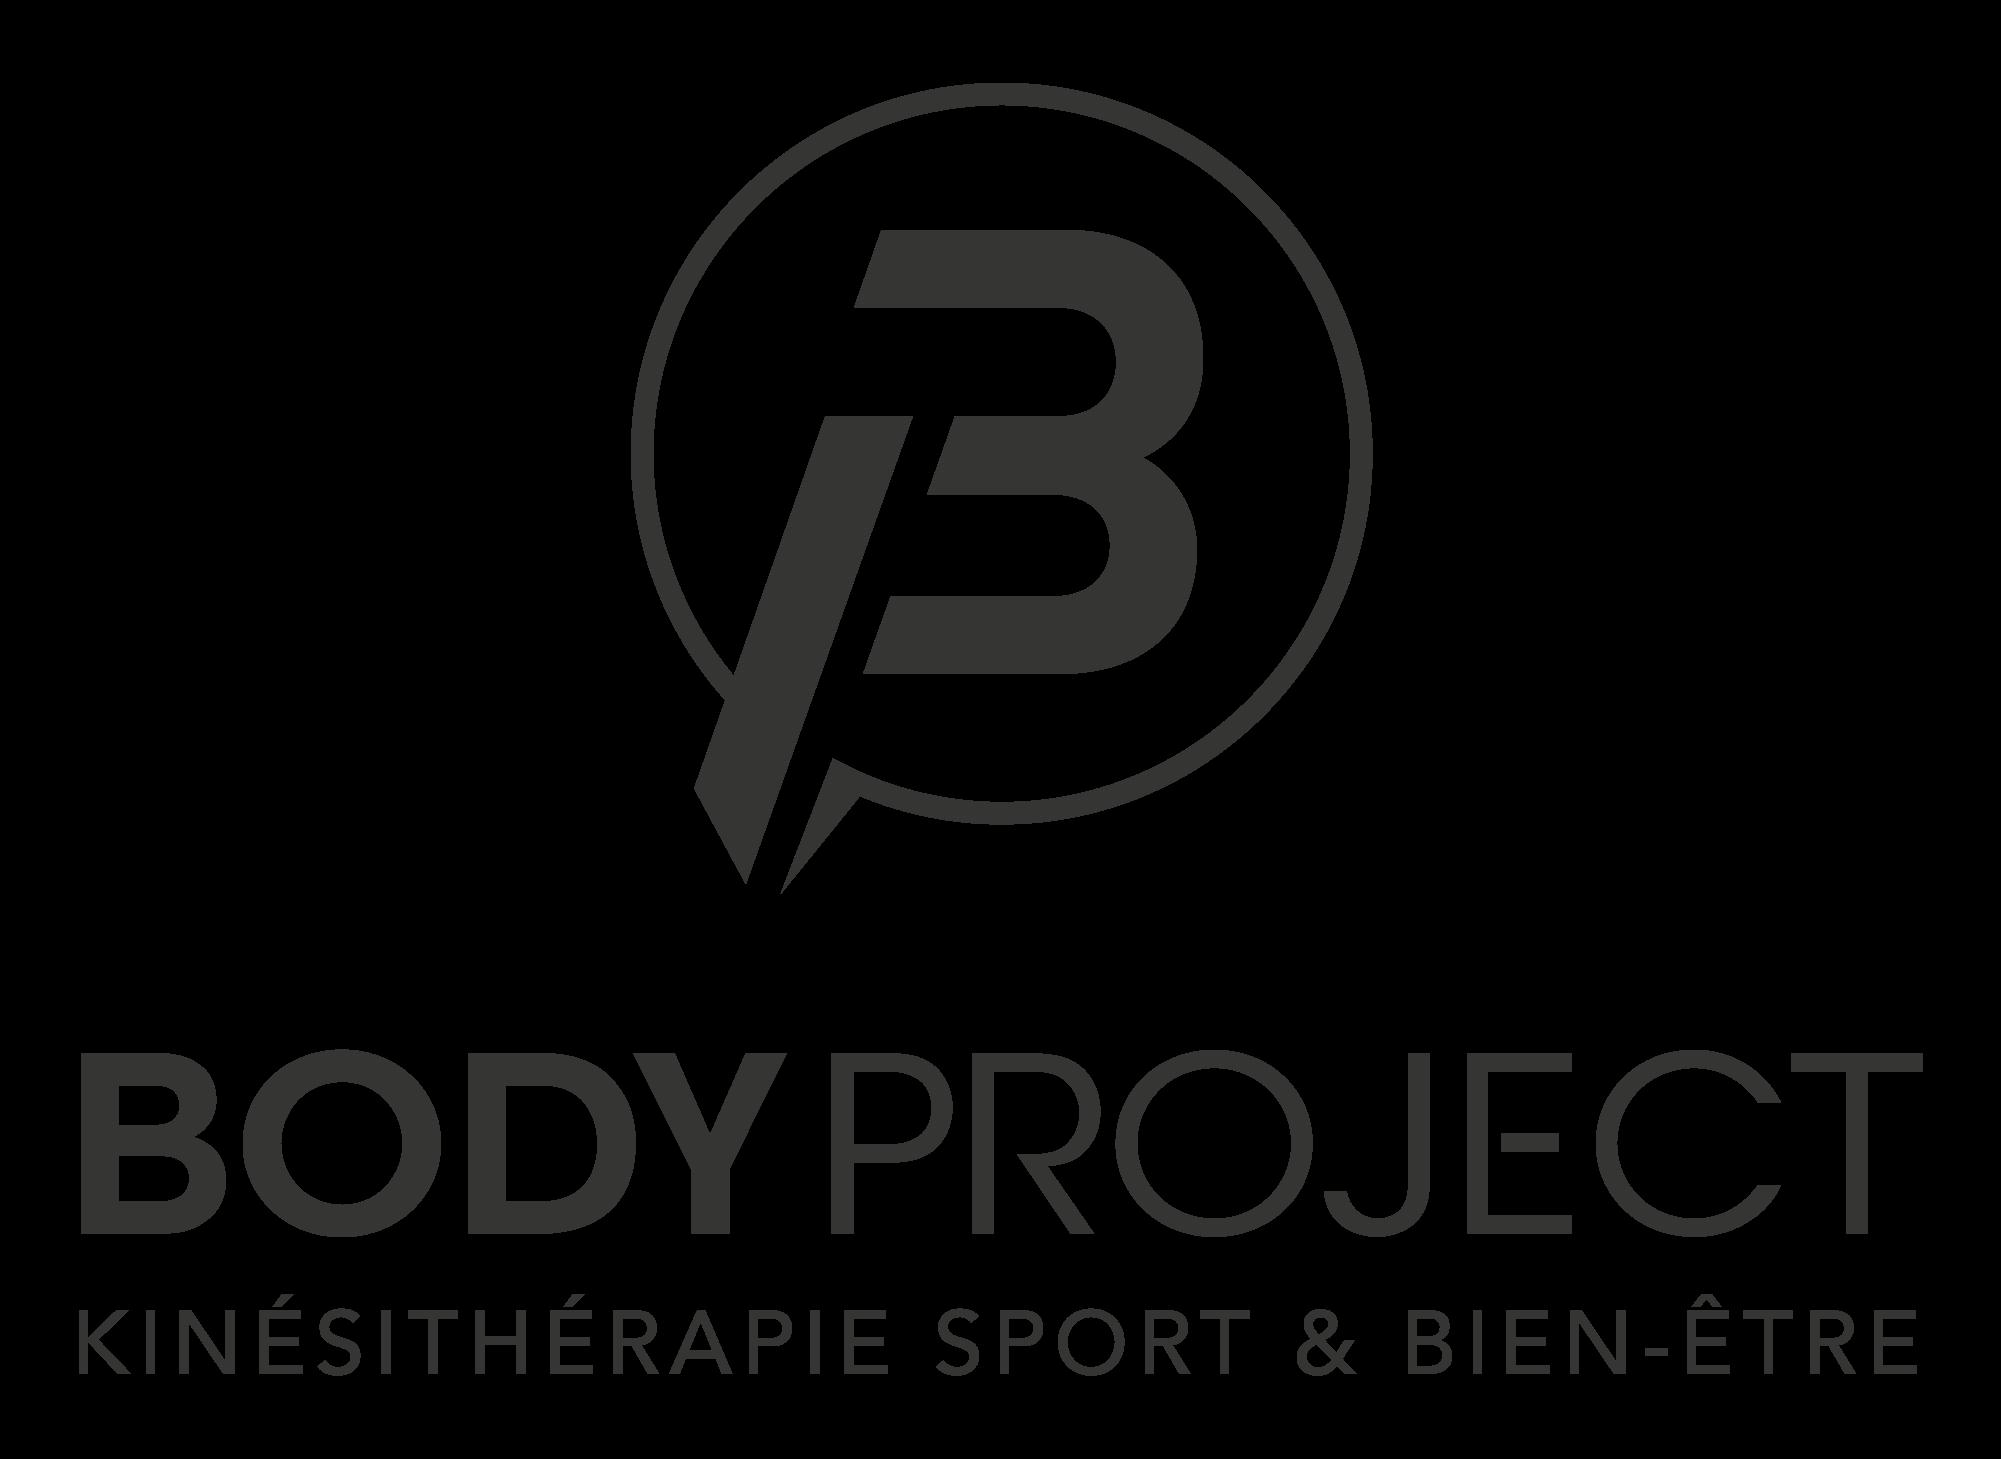 Body Project cherche un logo original